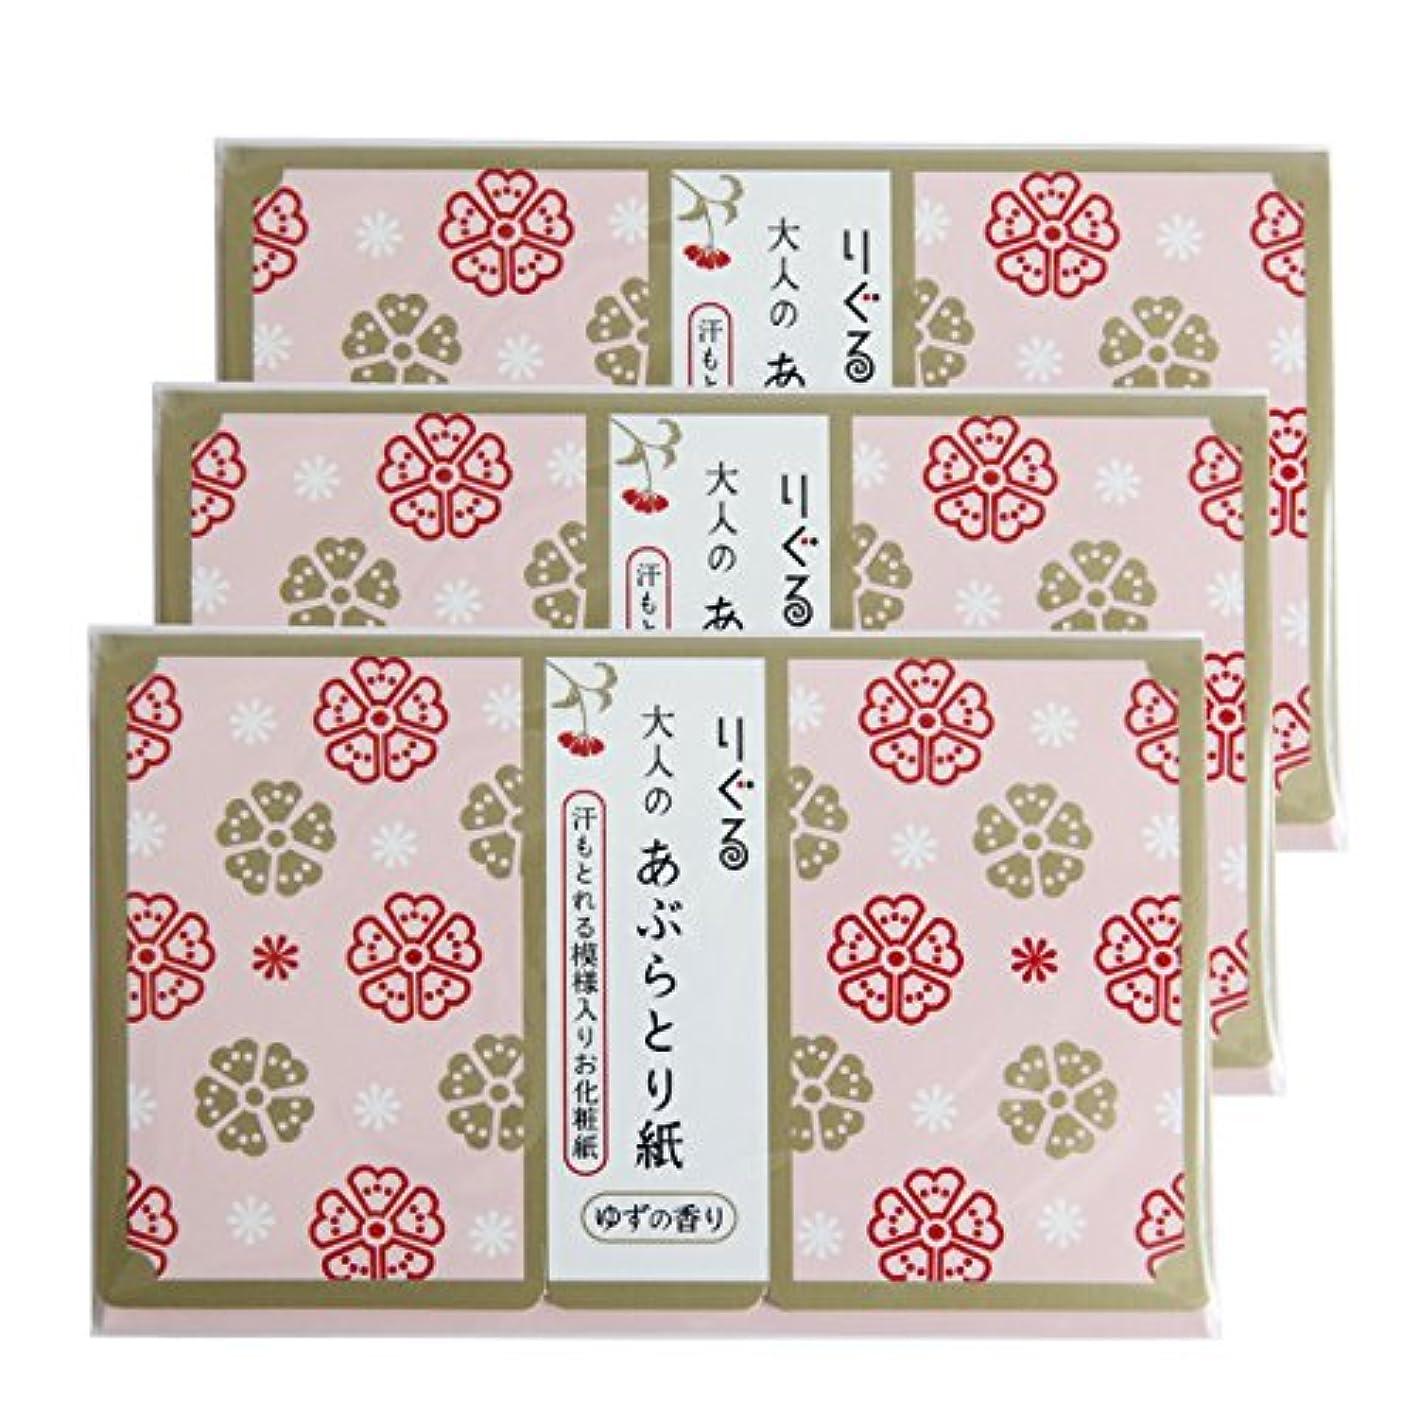 満州夜明けに議論するりぐる 大人のあぶらとり紙 使うたびにうれしくなる ちょっと贅沢な高知県産ゆずの香りのあぶらとり紙 (30枚入り)(3p)